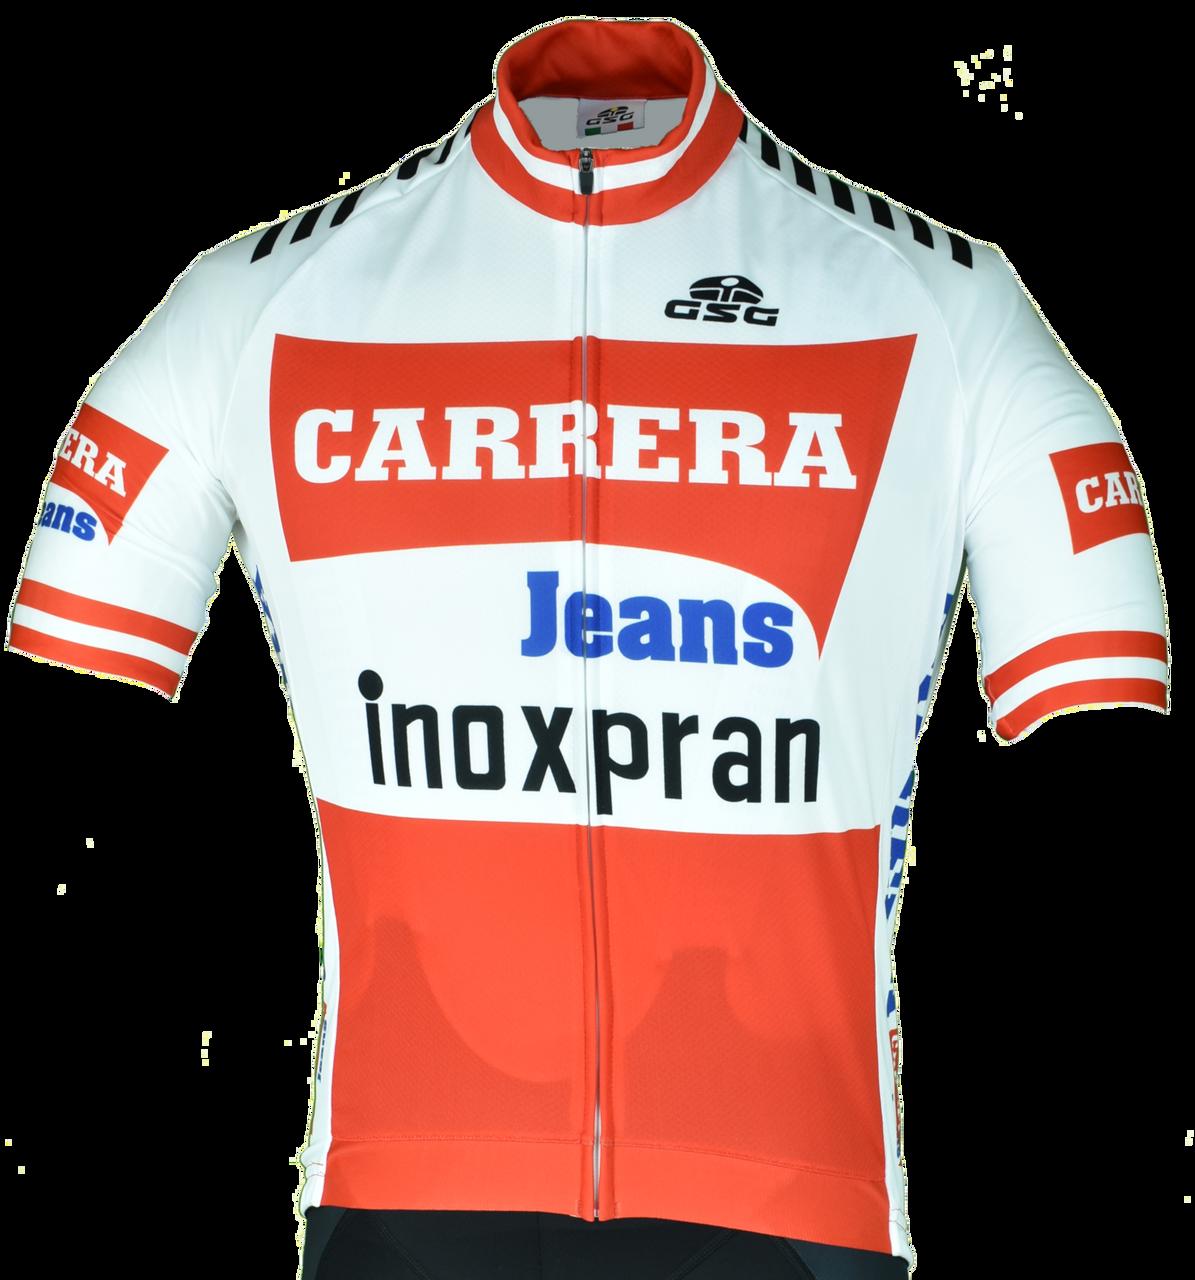 Carrera Retro Inoxpran White Retro Jersey